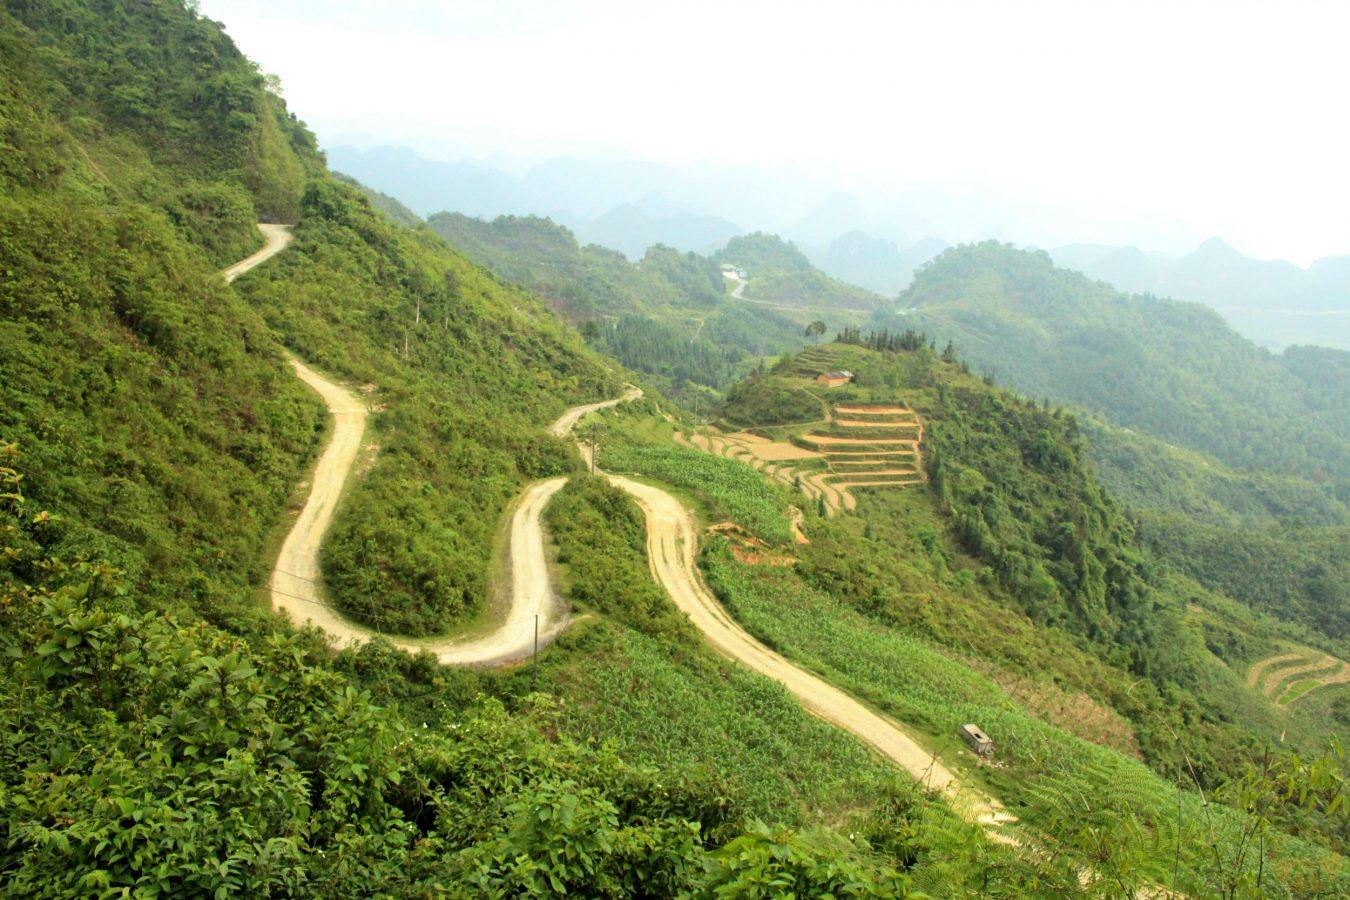 Up to Quan Ba pass